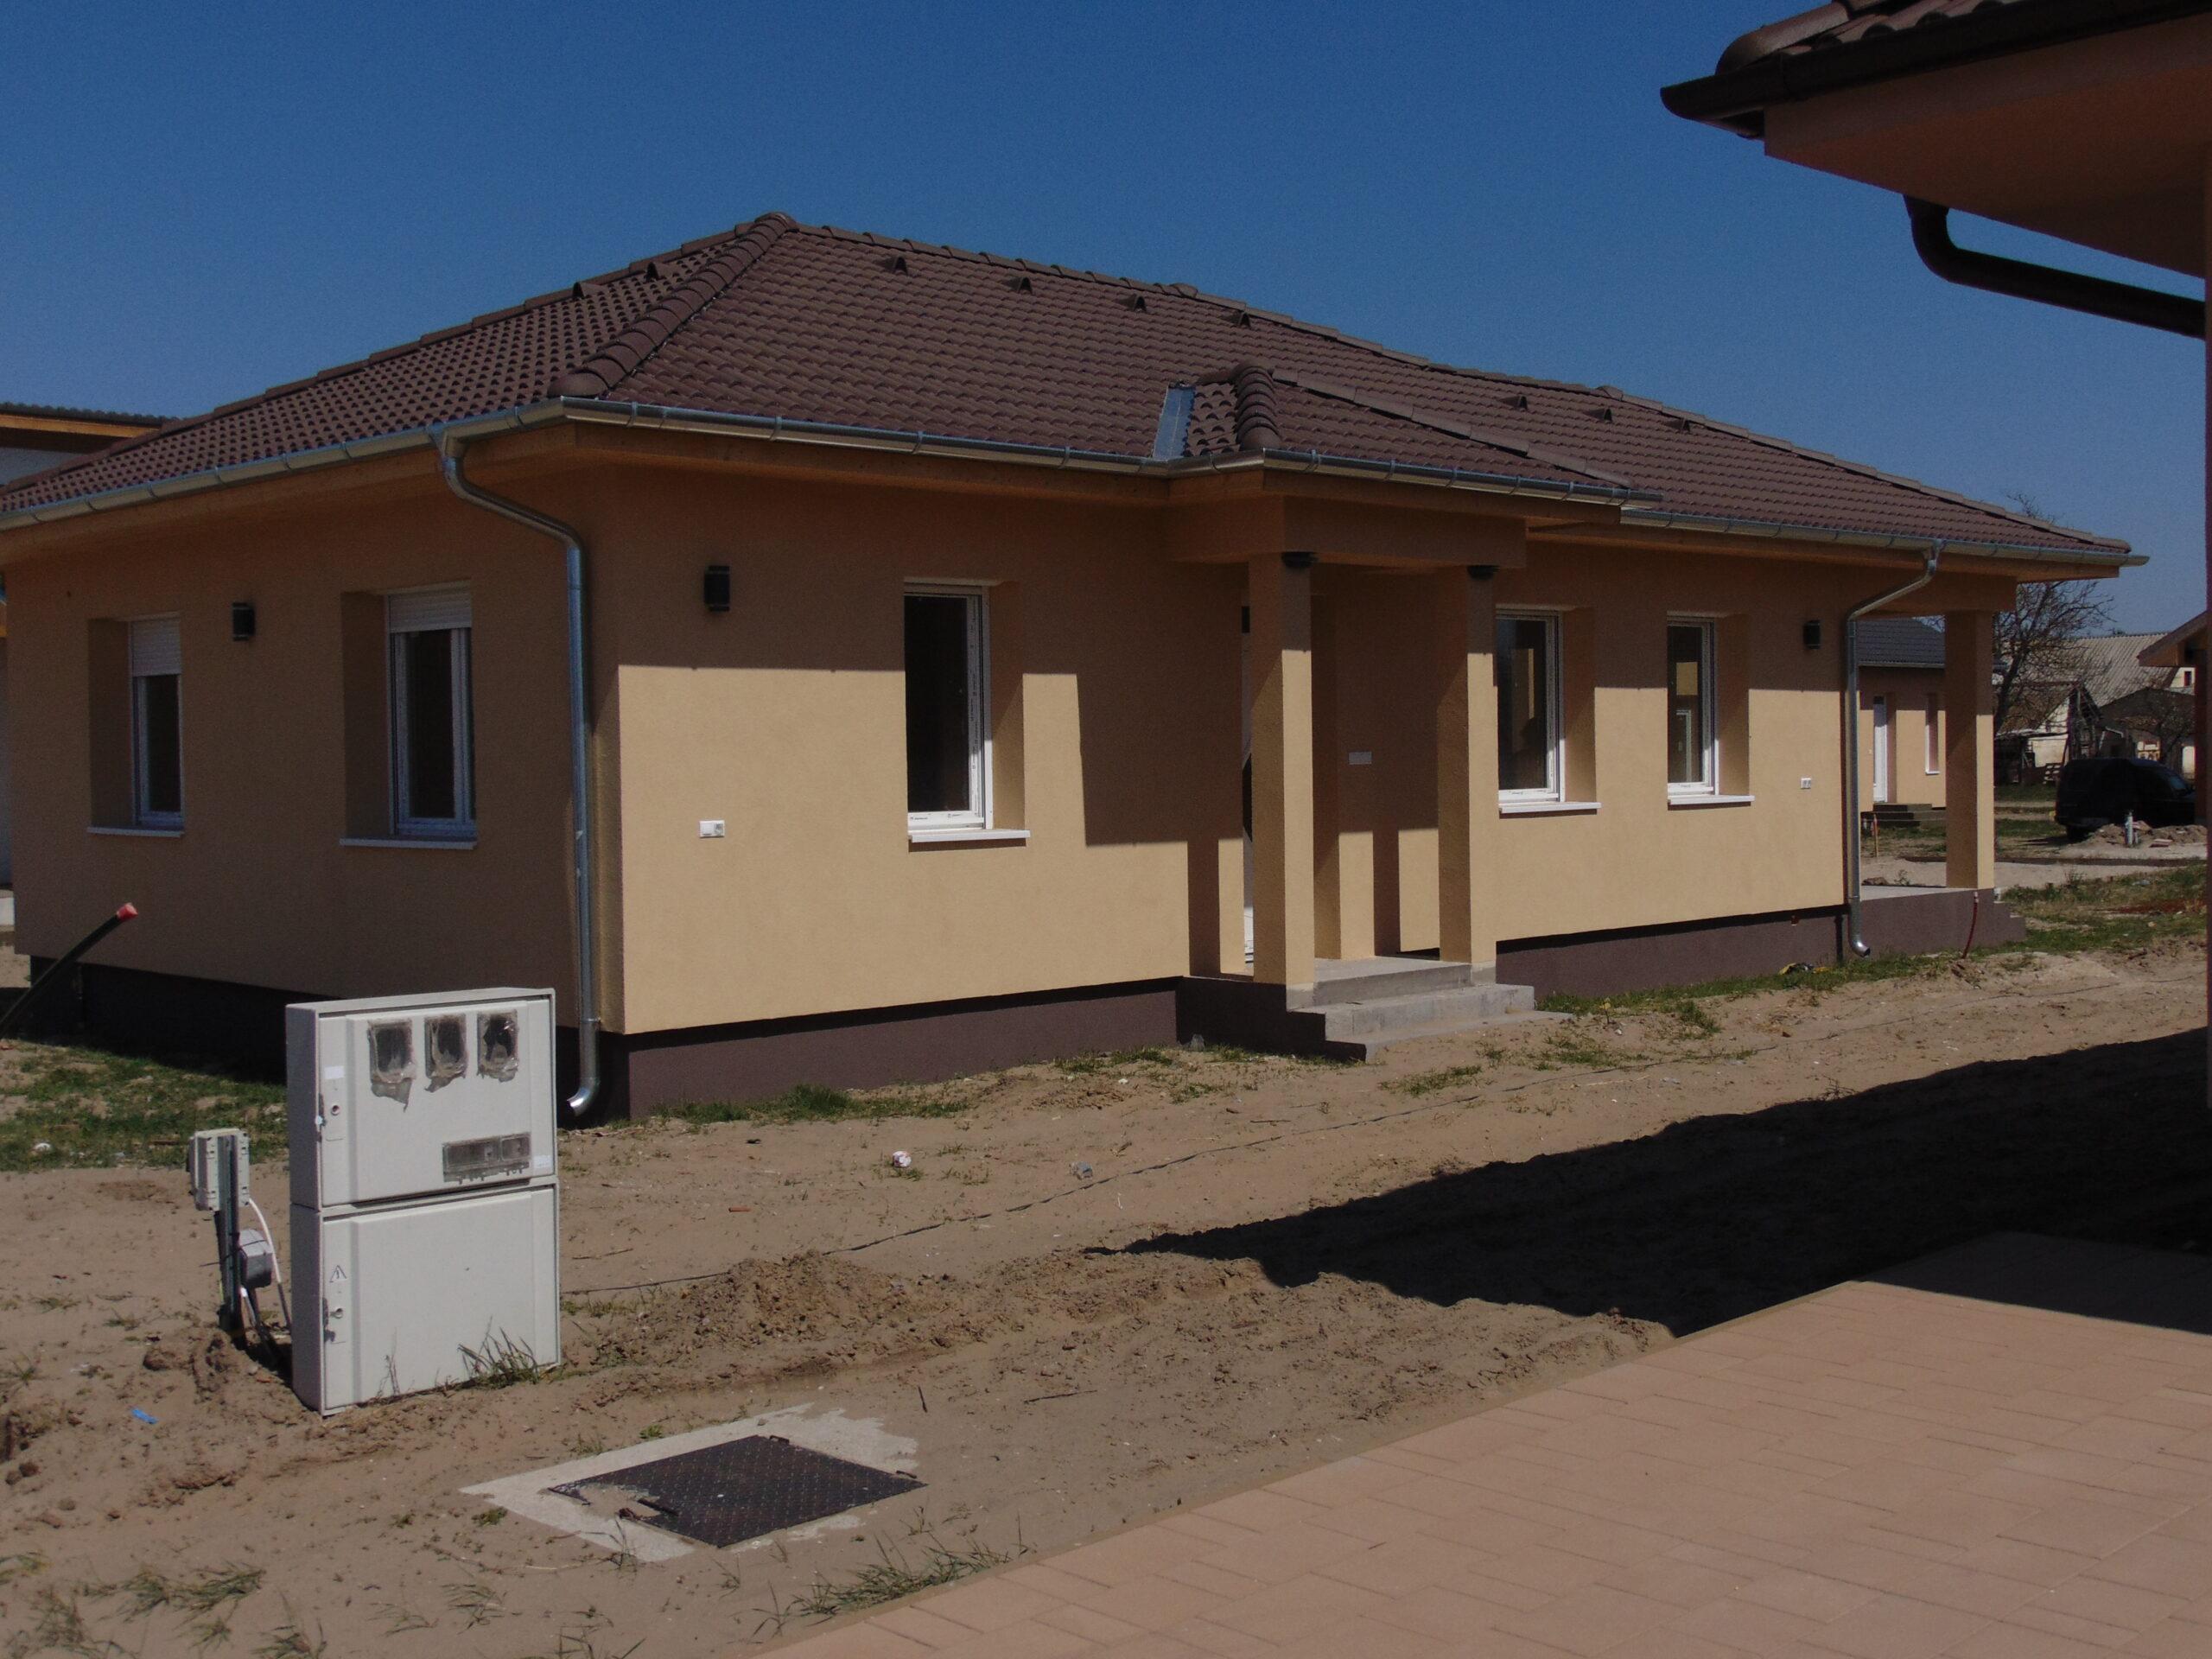 85 m²-es nappali+ 2 szobás családi ház megrendelhető , napelemmel, saját telekre!